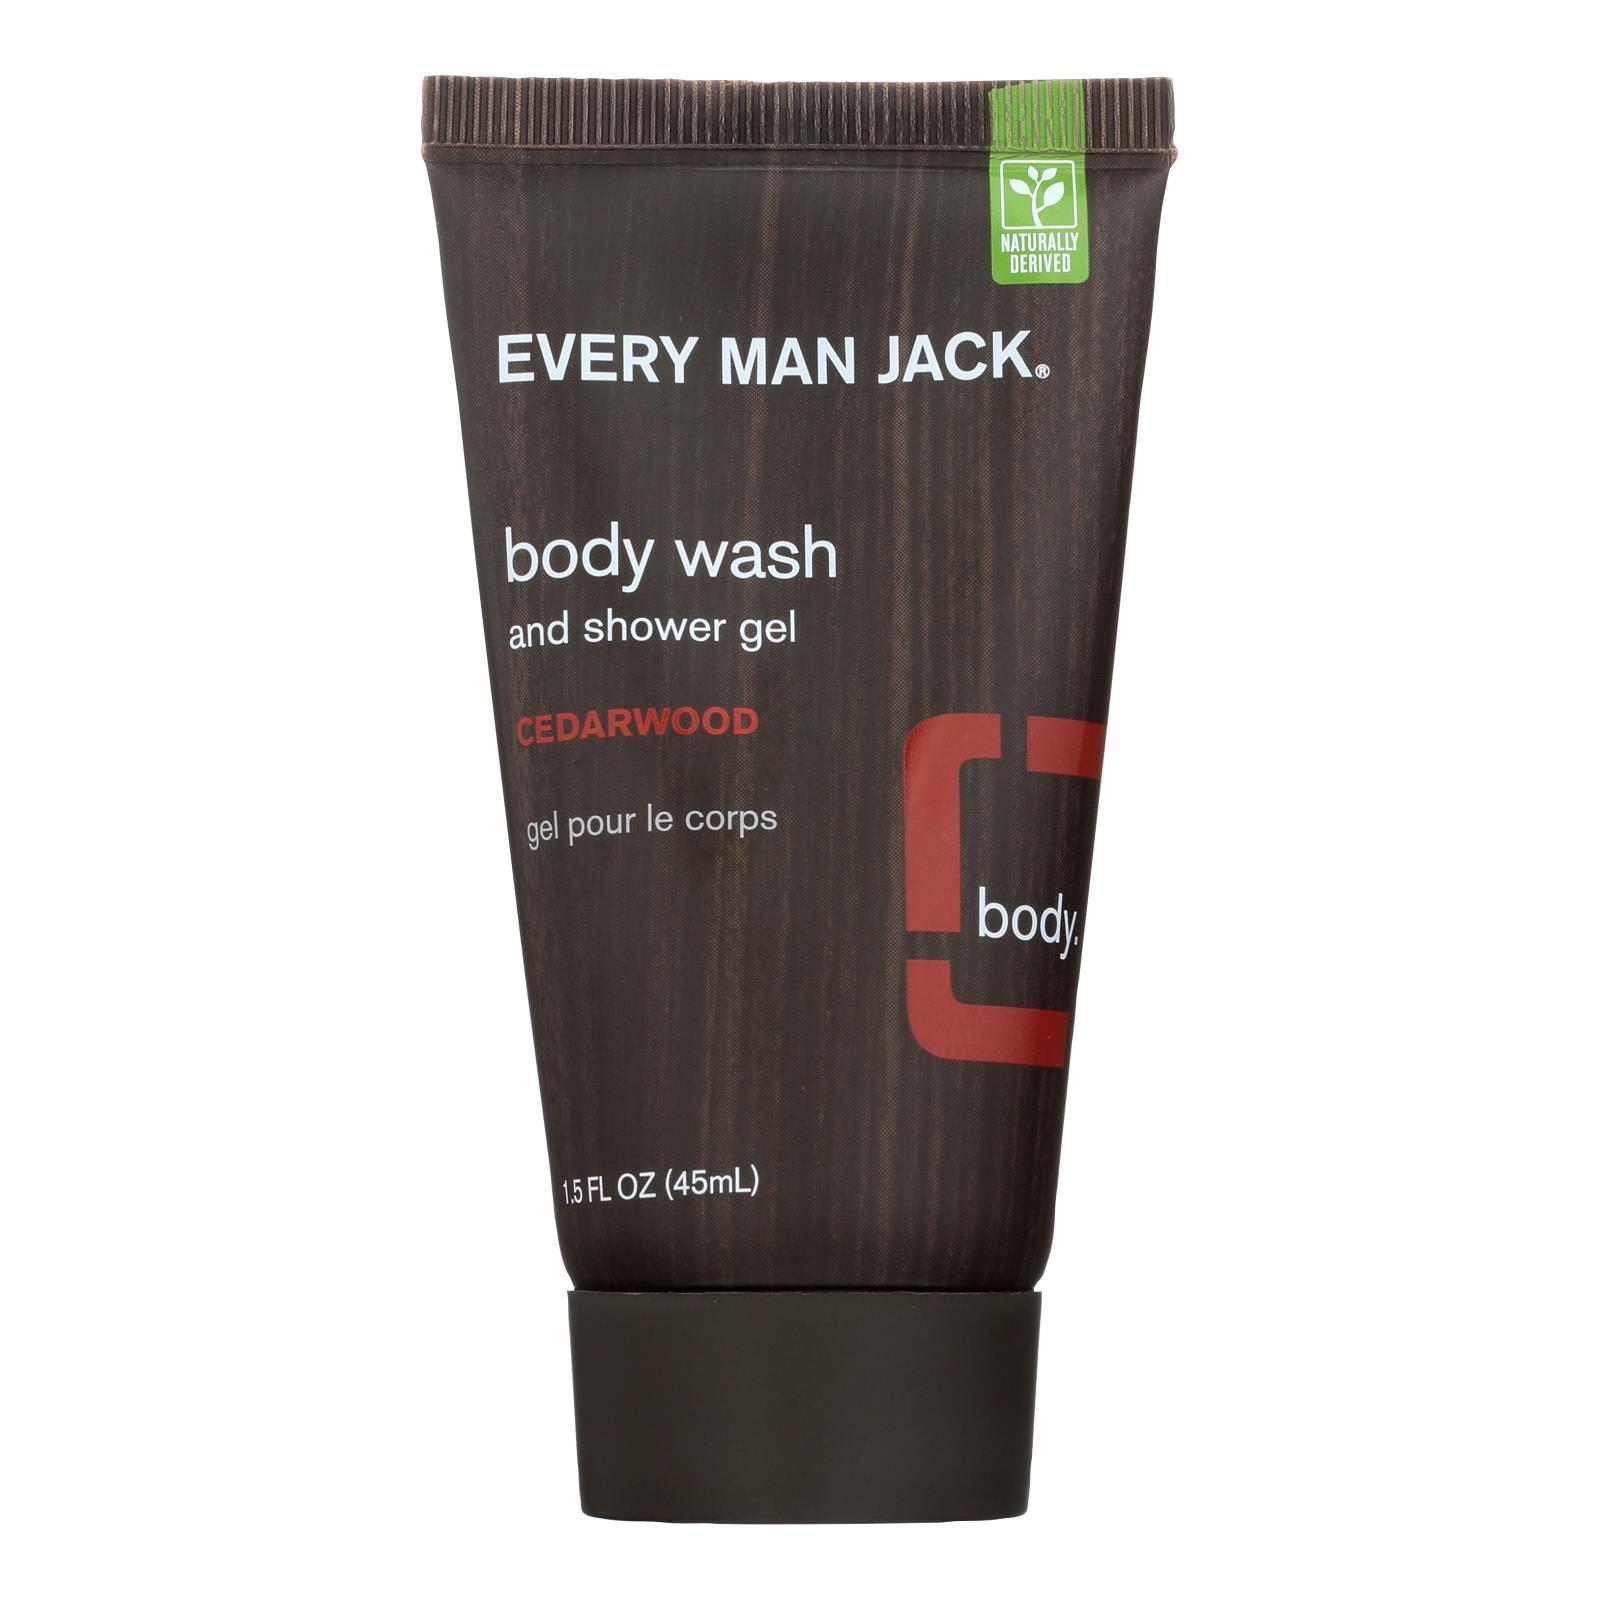 Every Man Jack Body Wash Cedar wood - Body Wash - 1 FL oz.